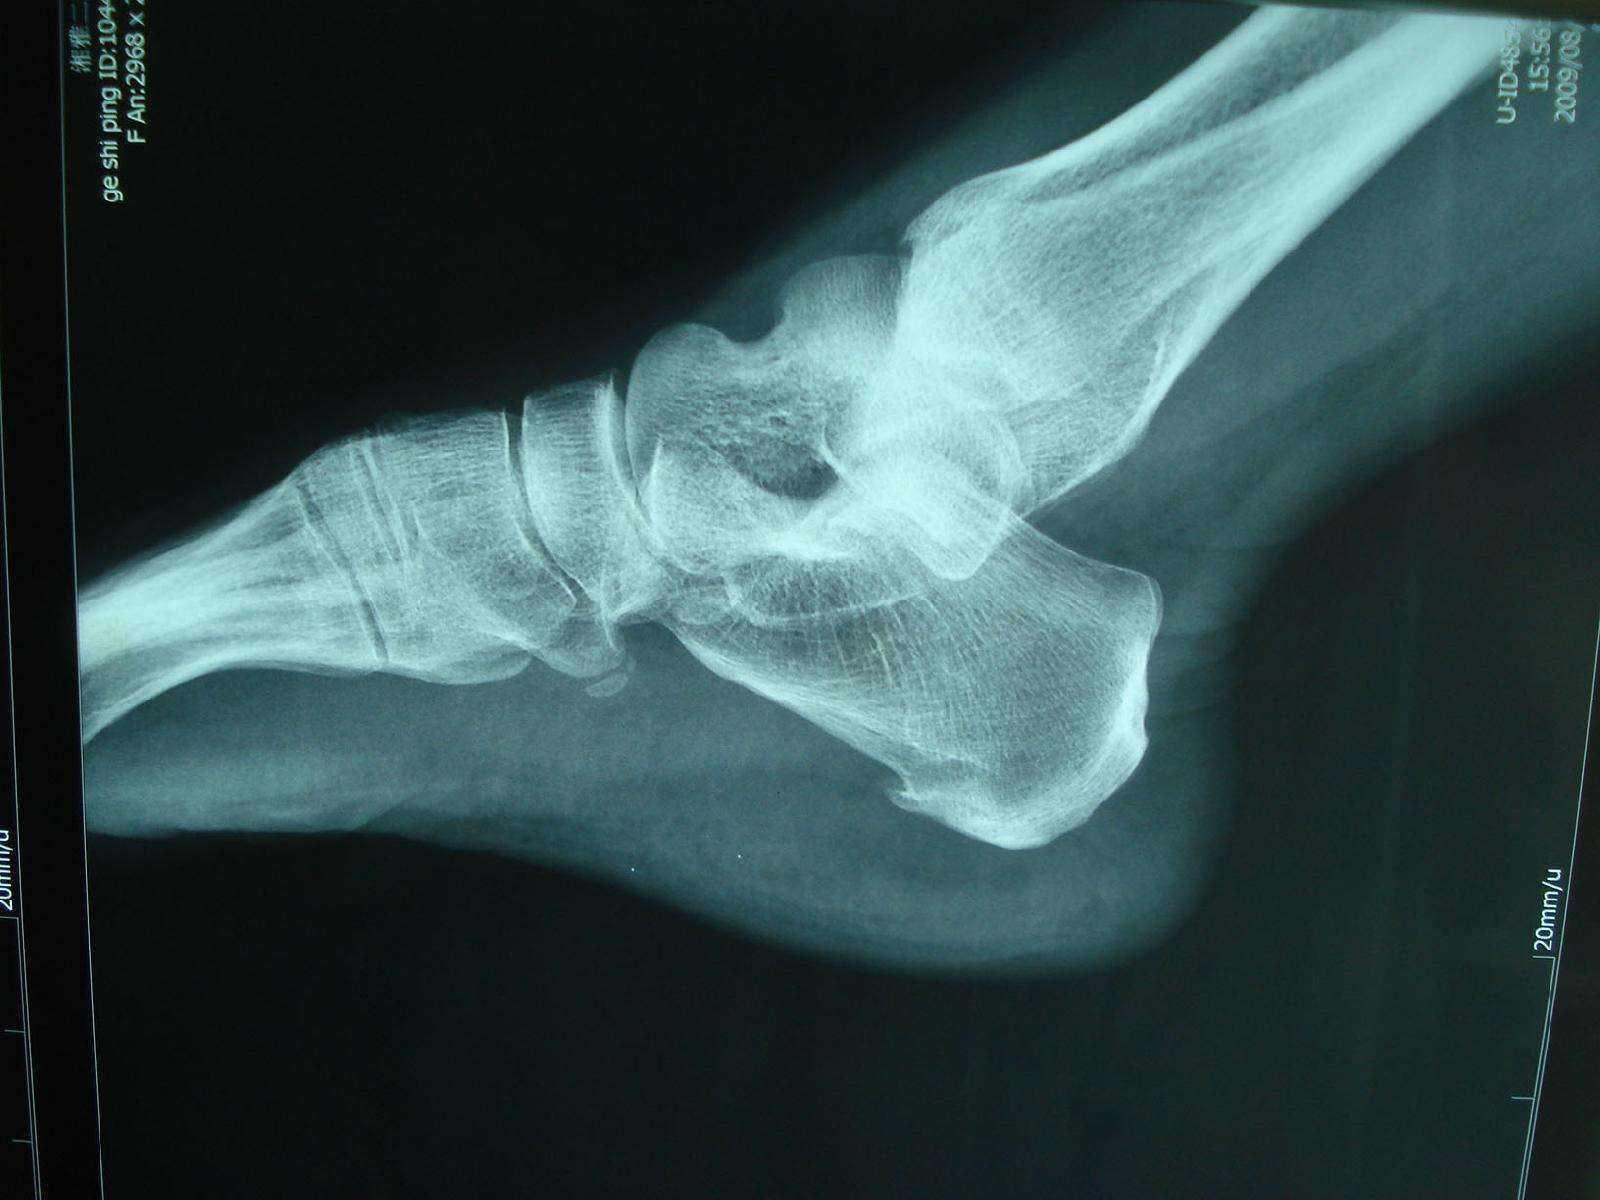 原创狐大医|膝盖长了骨刺,吃药、按摩能化掉吗?